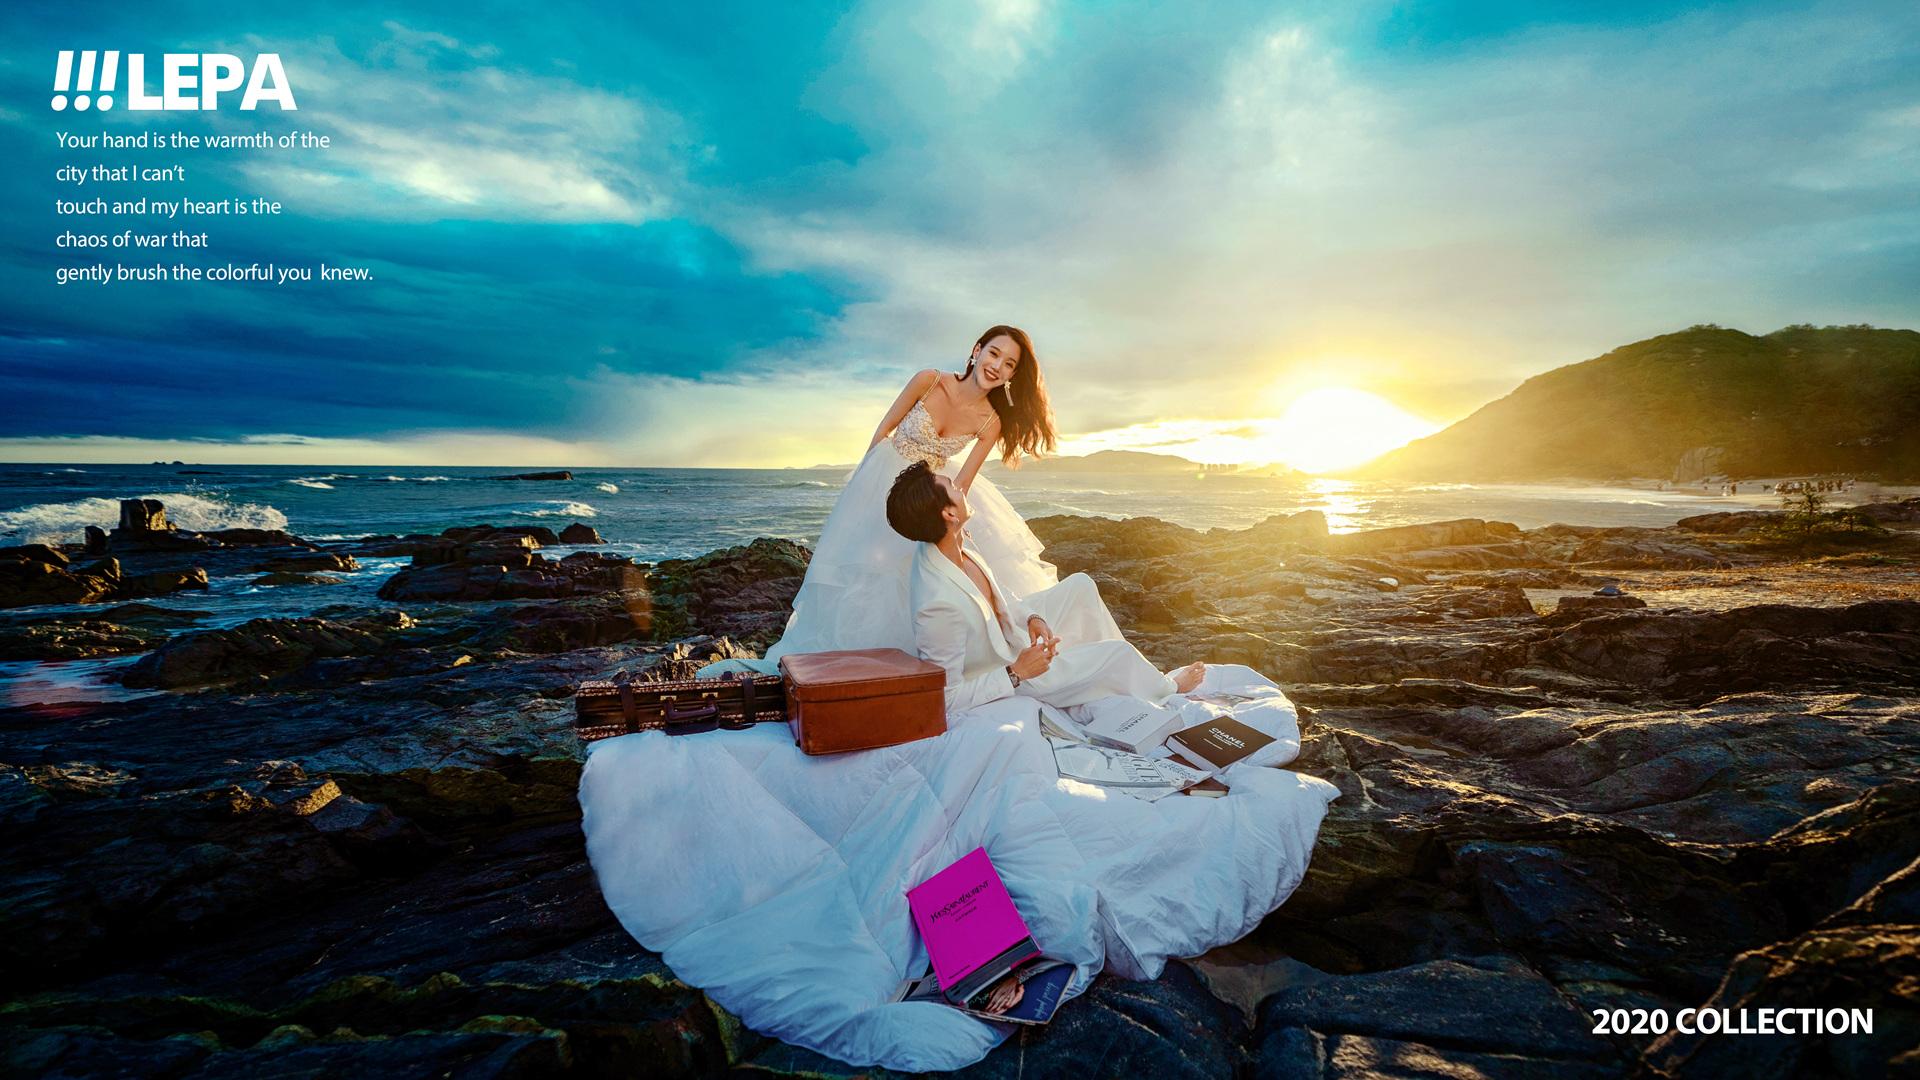 5月份厦门拍婚纱照可以吗,这几点原因应该可以说服你